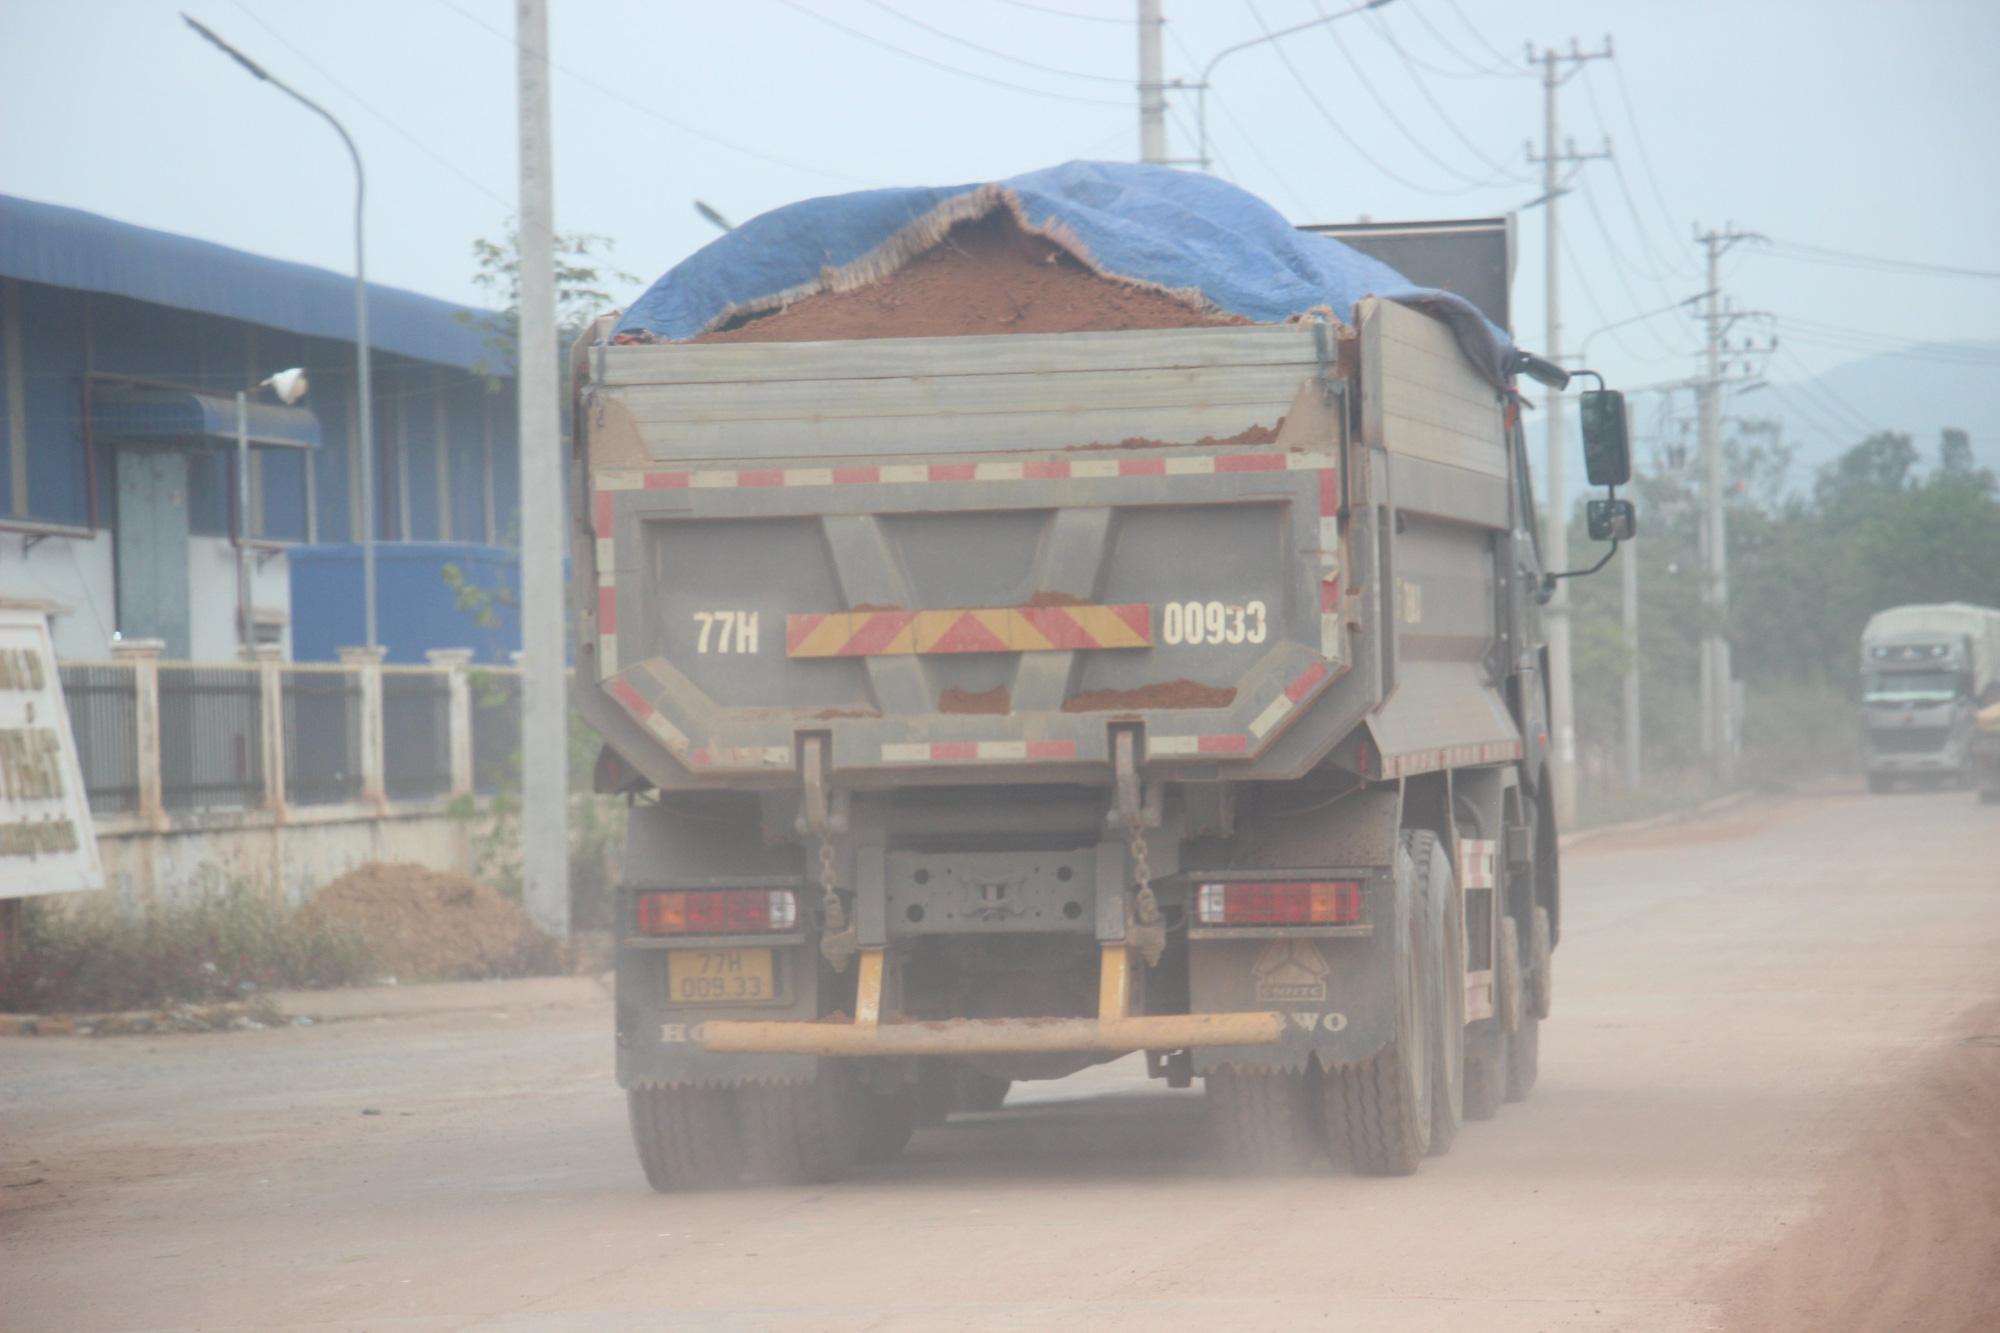 """Ảnh, Clip: Đoàn xe tải gắn logo Bá Sanh Đường """"tung hoành"""" ở Thị xã Hoài Nhơn, Bình Định - Ảnh 4."""